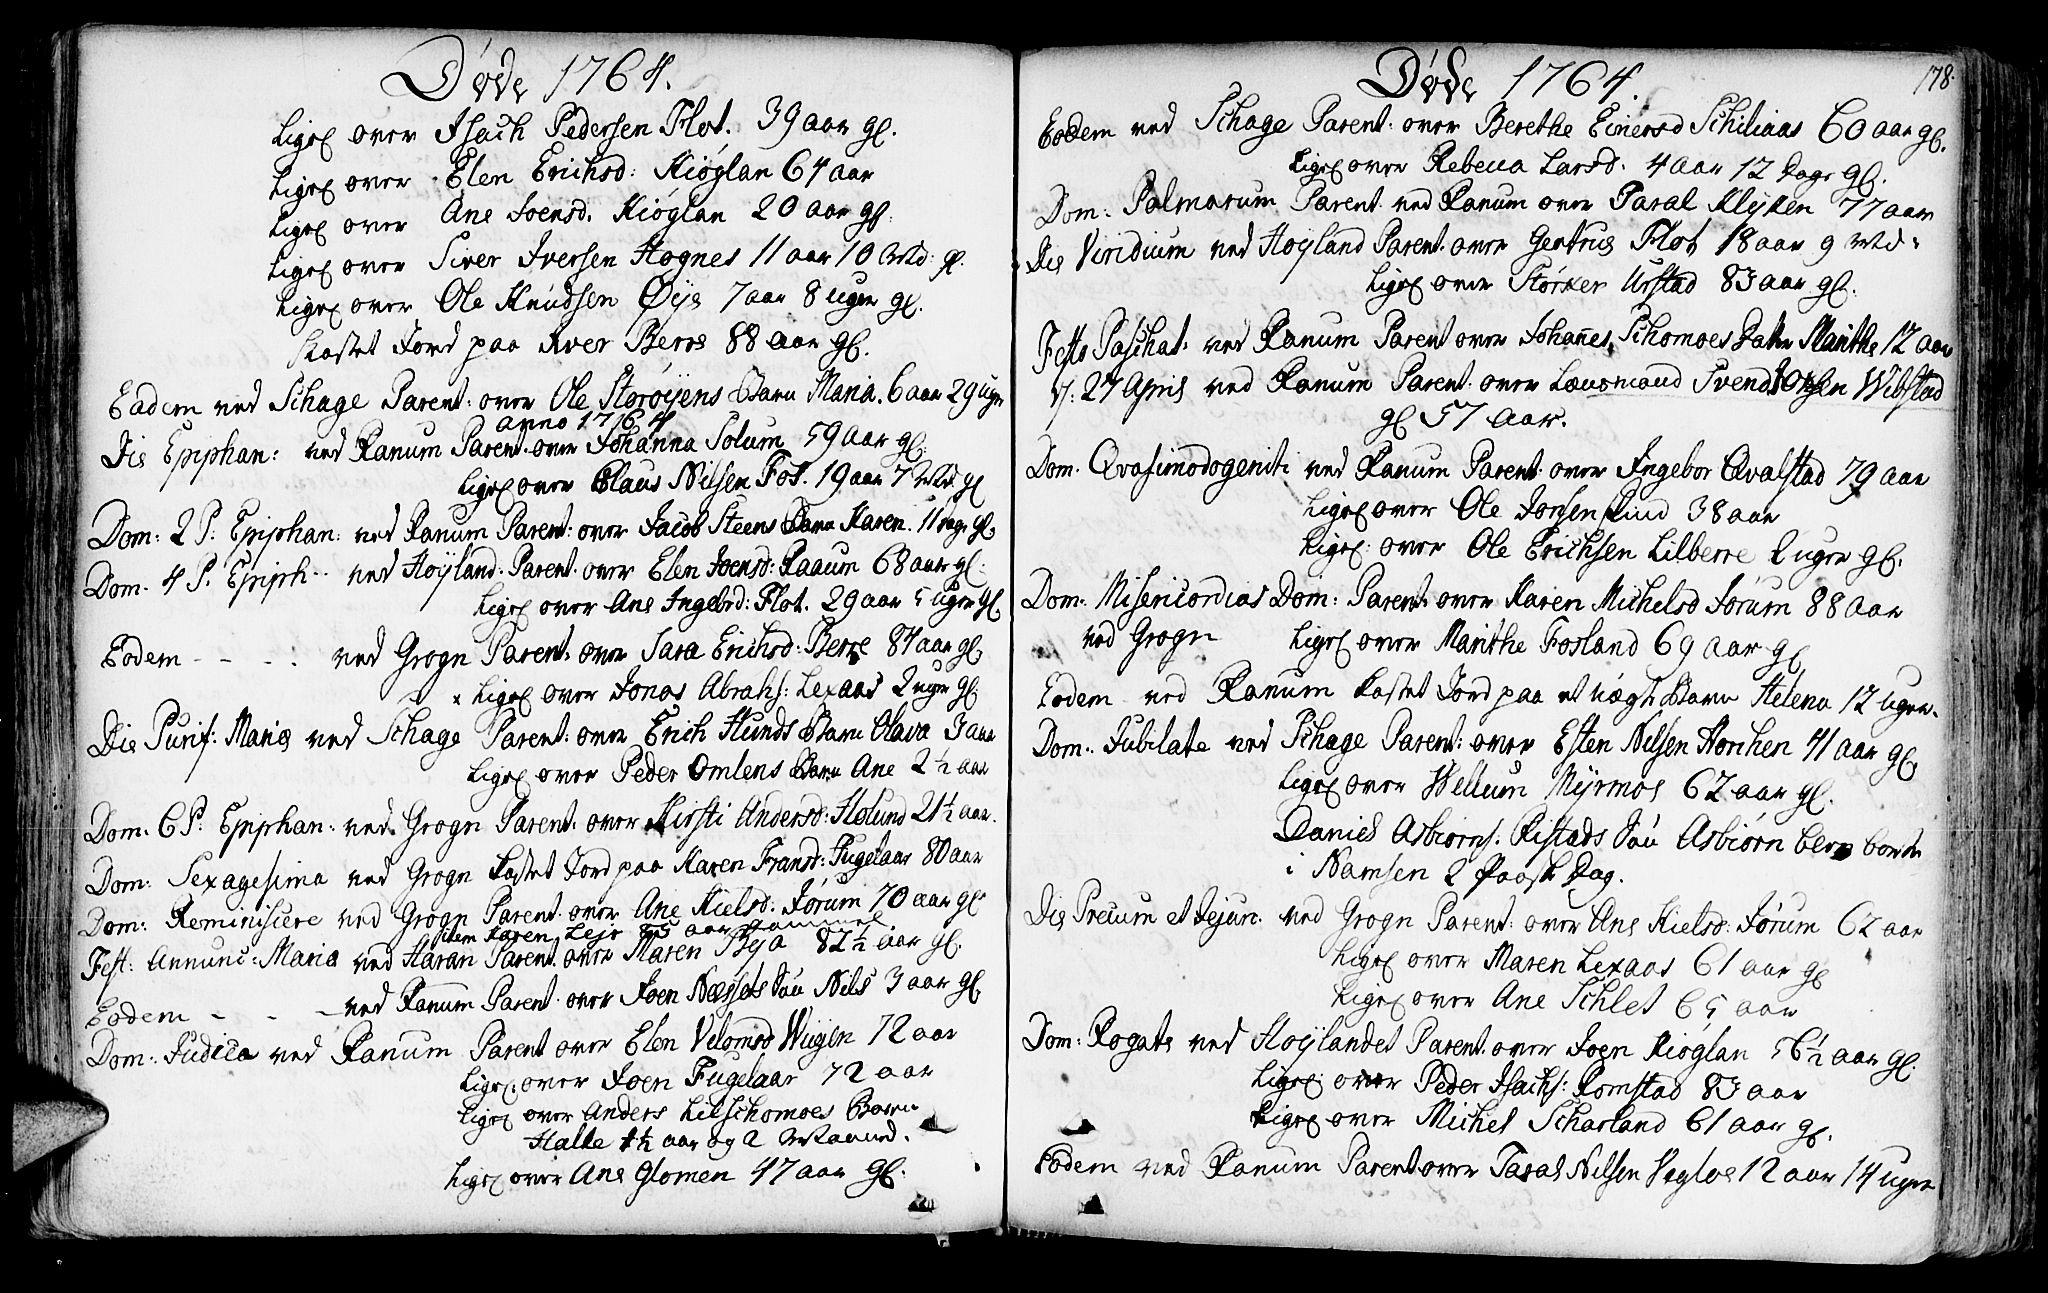 SAT, Ministerialprotokoller, klokkerbøker og fødselsregistre - Nord-Trøndelag, 764/L0542: Ministerialbok nr. 764A02, 1748-1779, s. 178